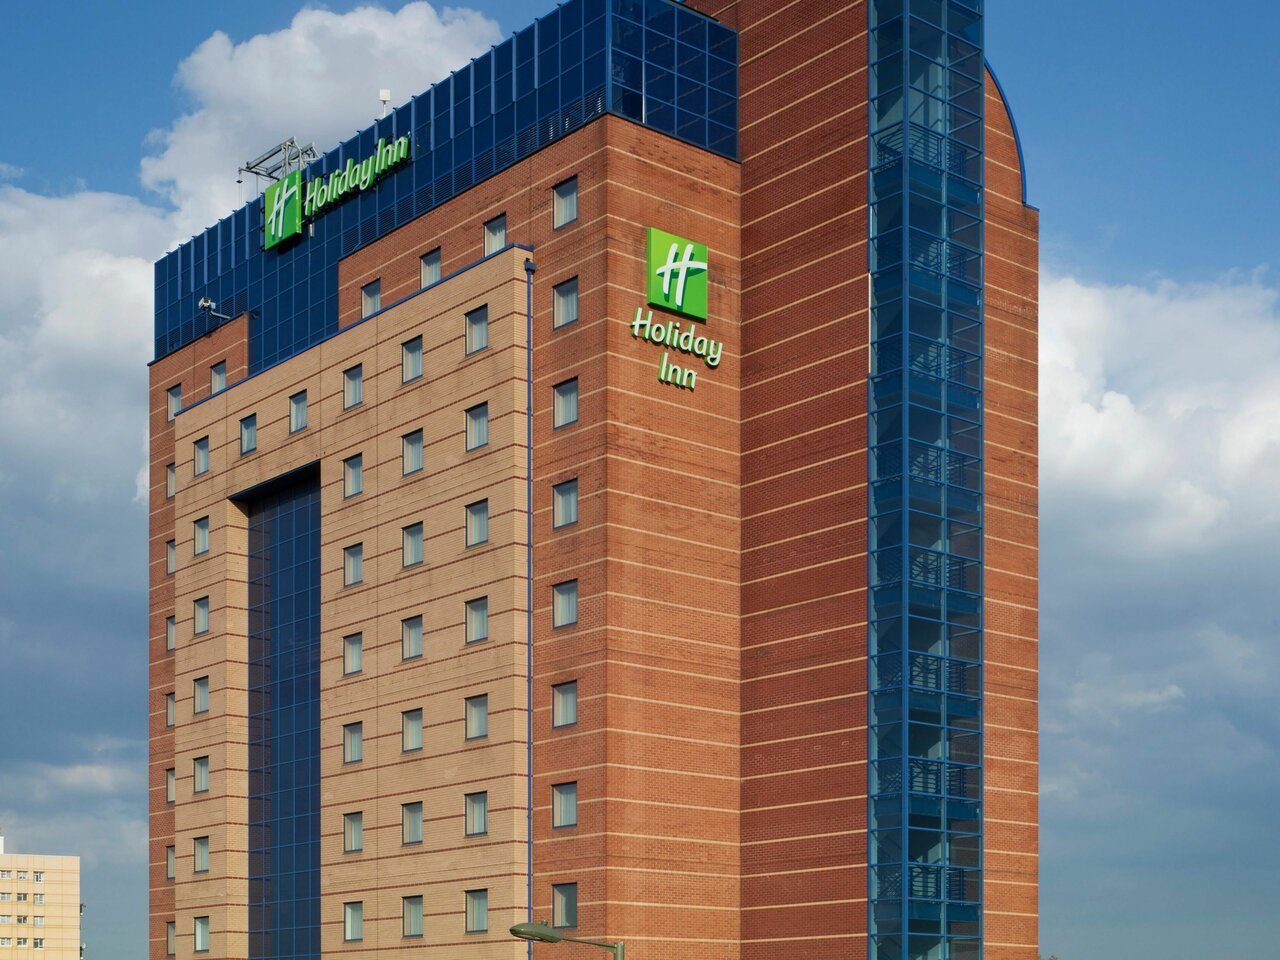 Holiday Inn Brent Cross